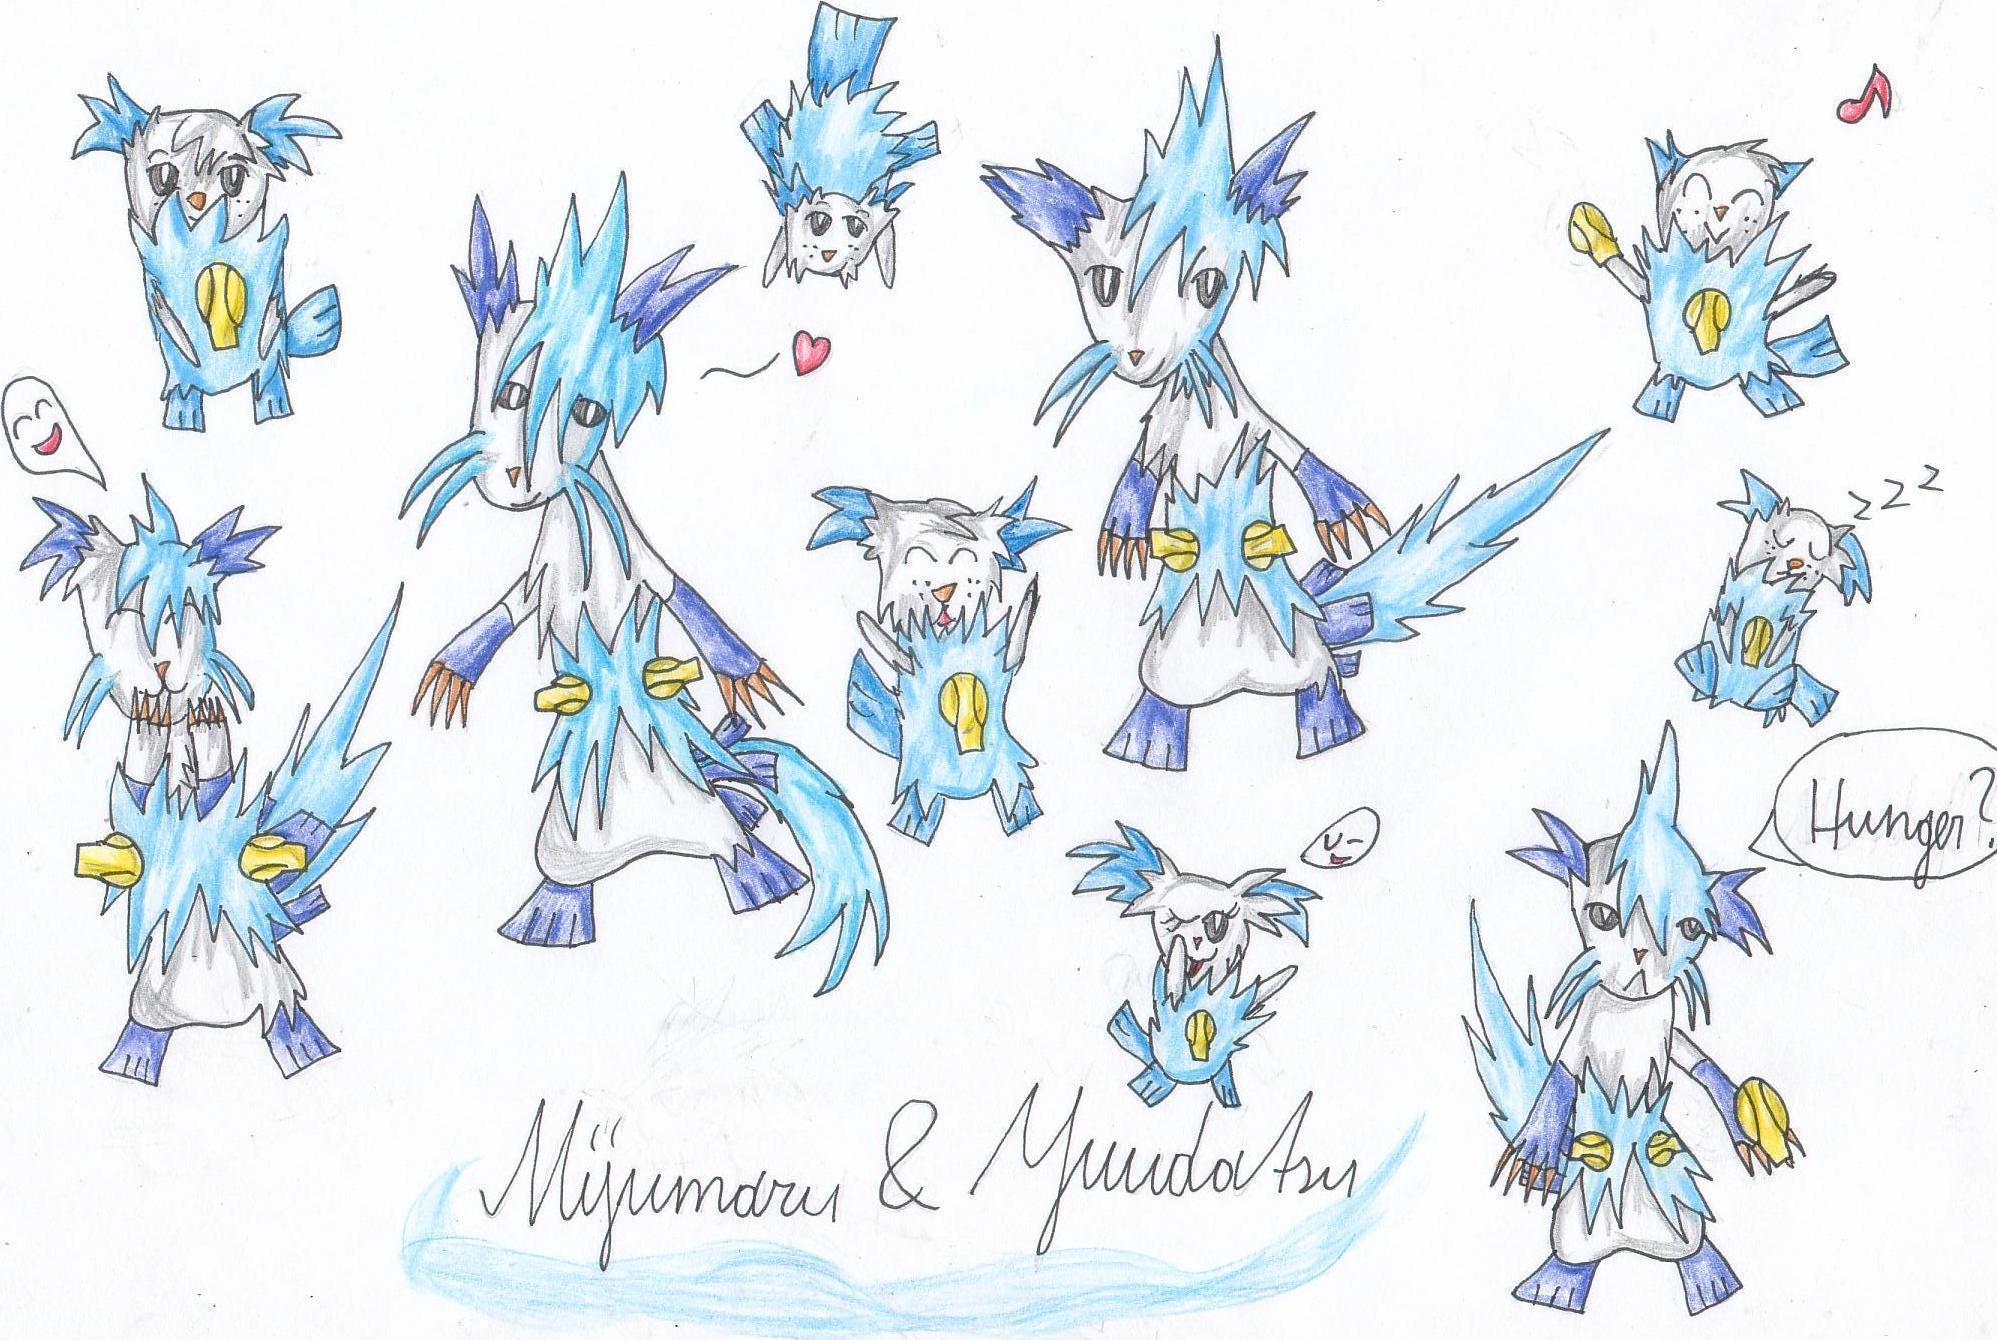 Pokémon-Zeichnung: Mijumaru & Yuudatsu